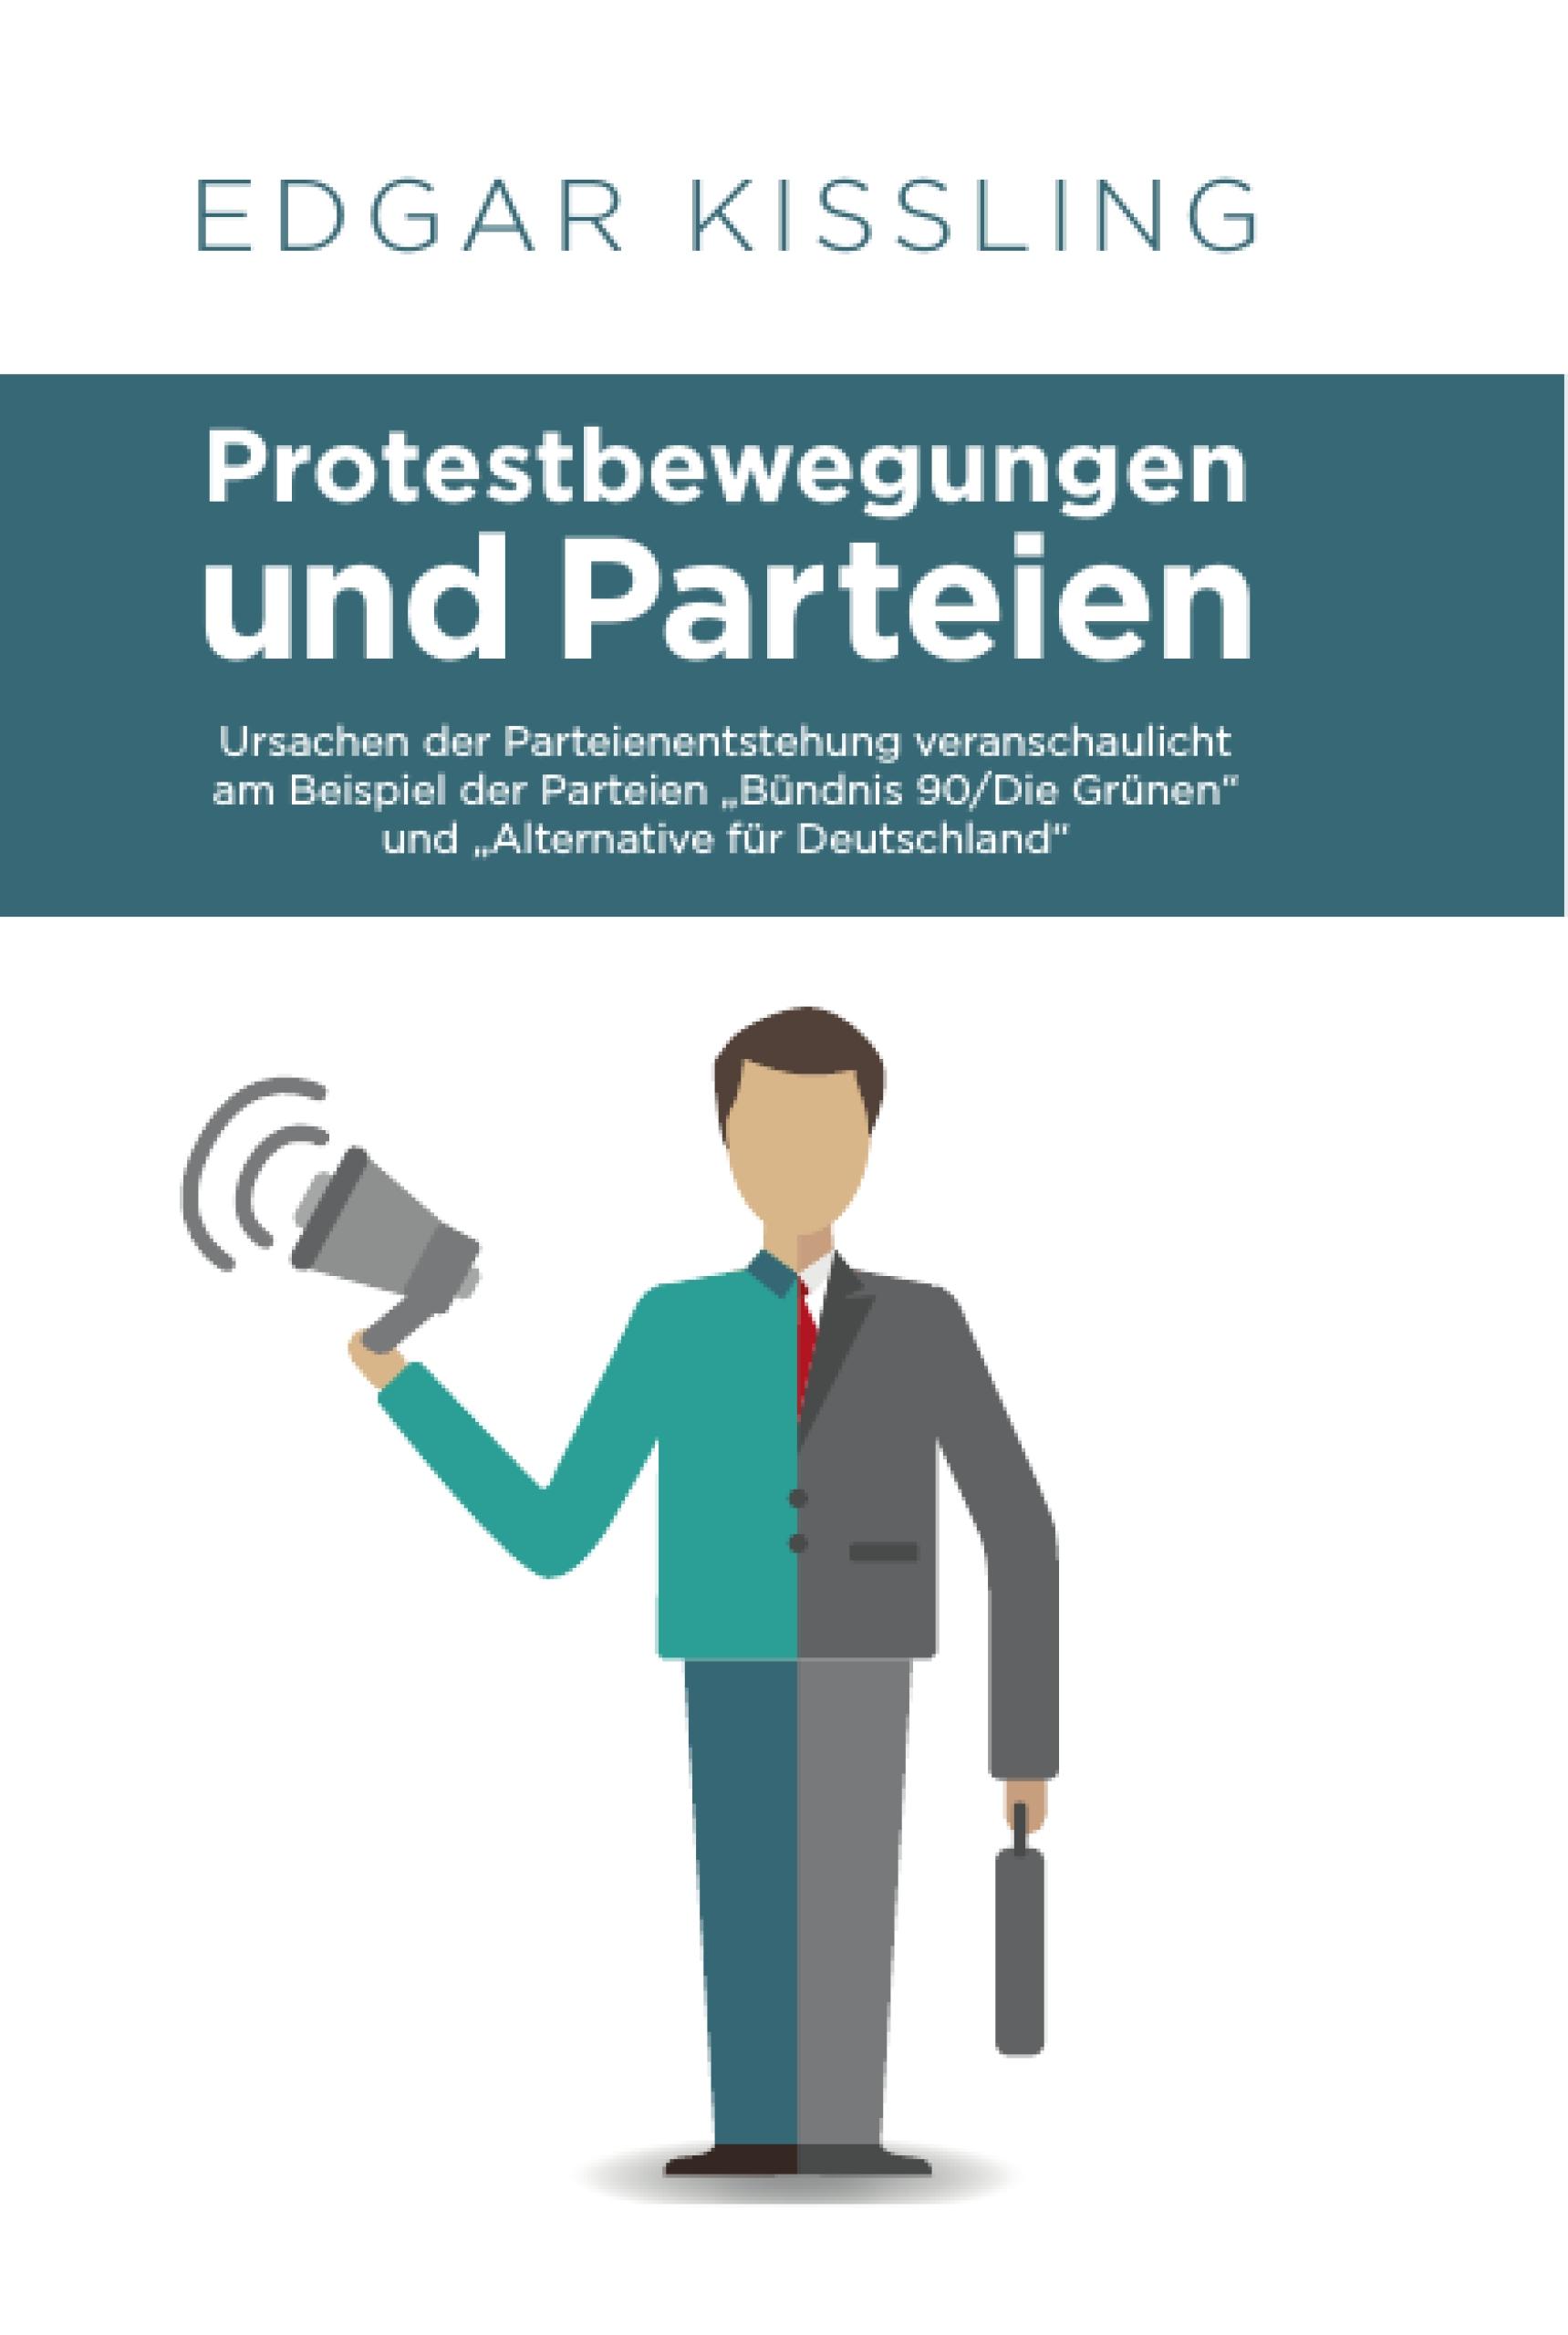 Protestbewegungen und Parteien